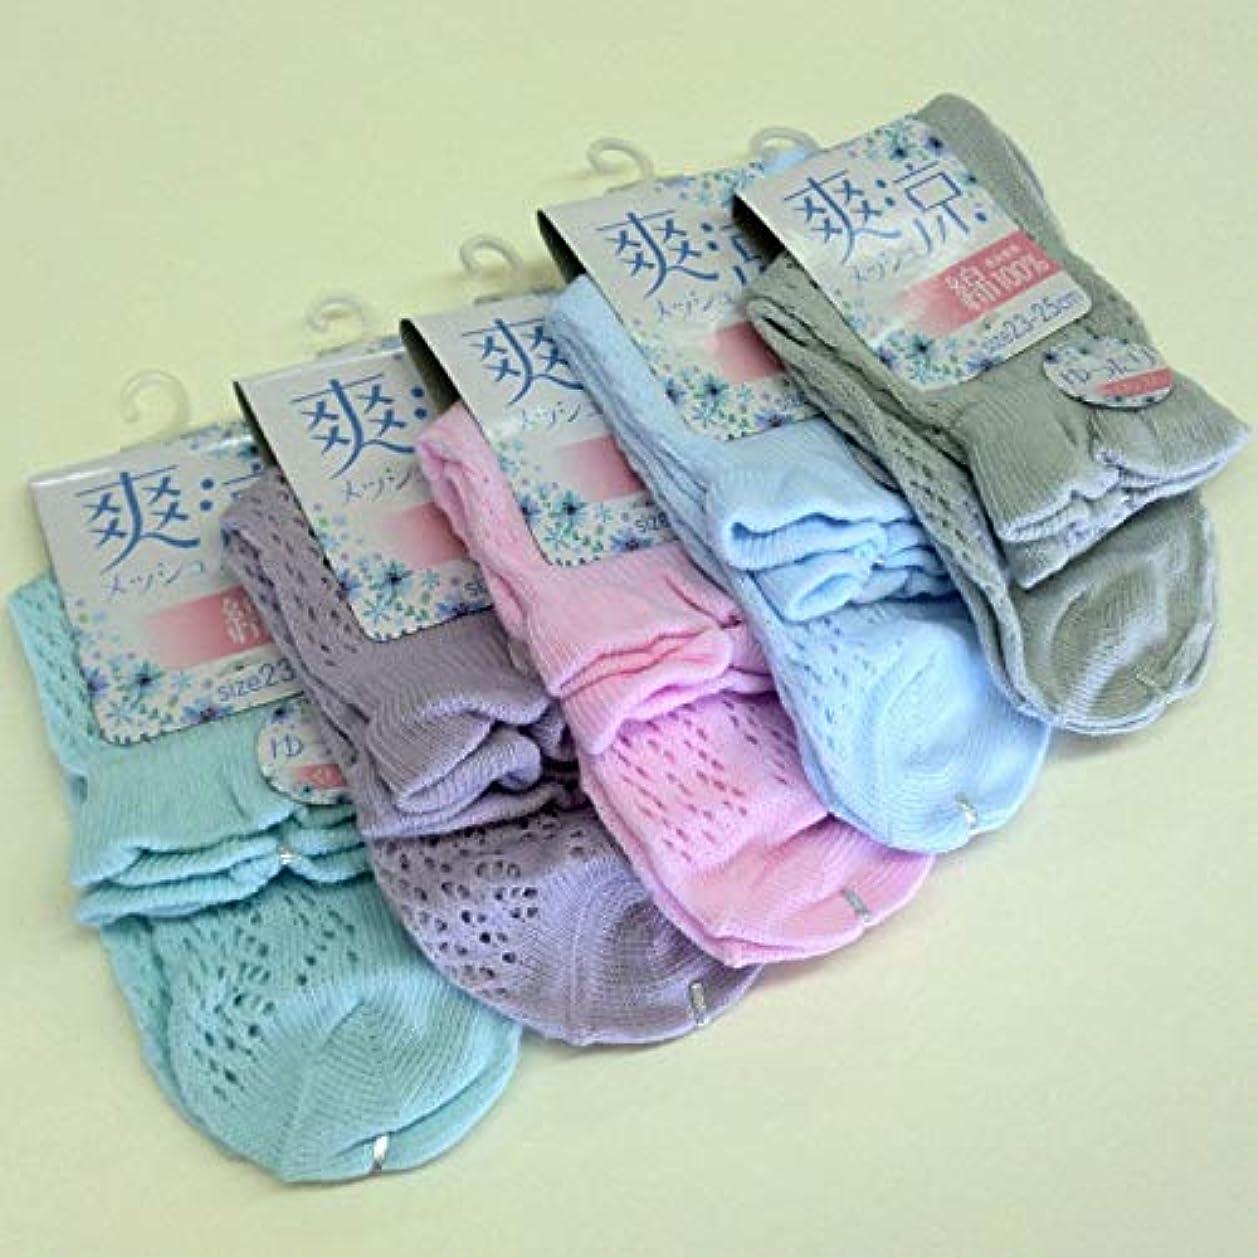 ウォルターカニンガム大砲発症靴下 レディース 夏 表糸綿100% 涼しいルミーソックス セット 5色5足組